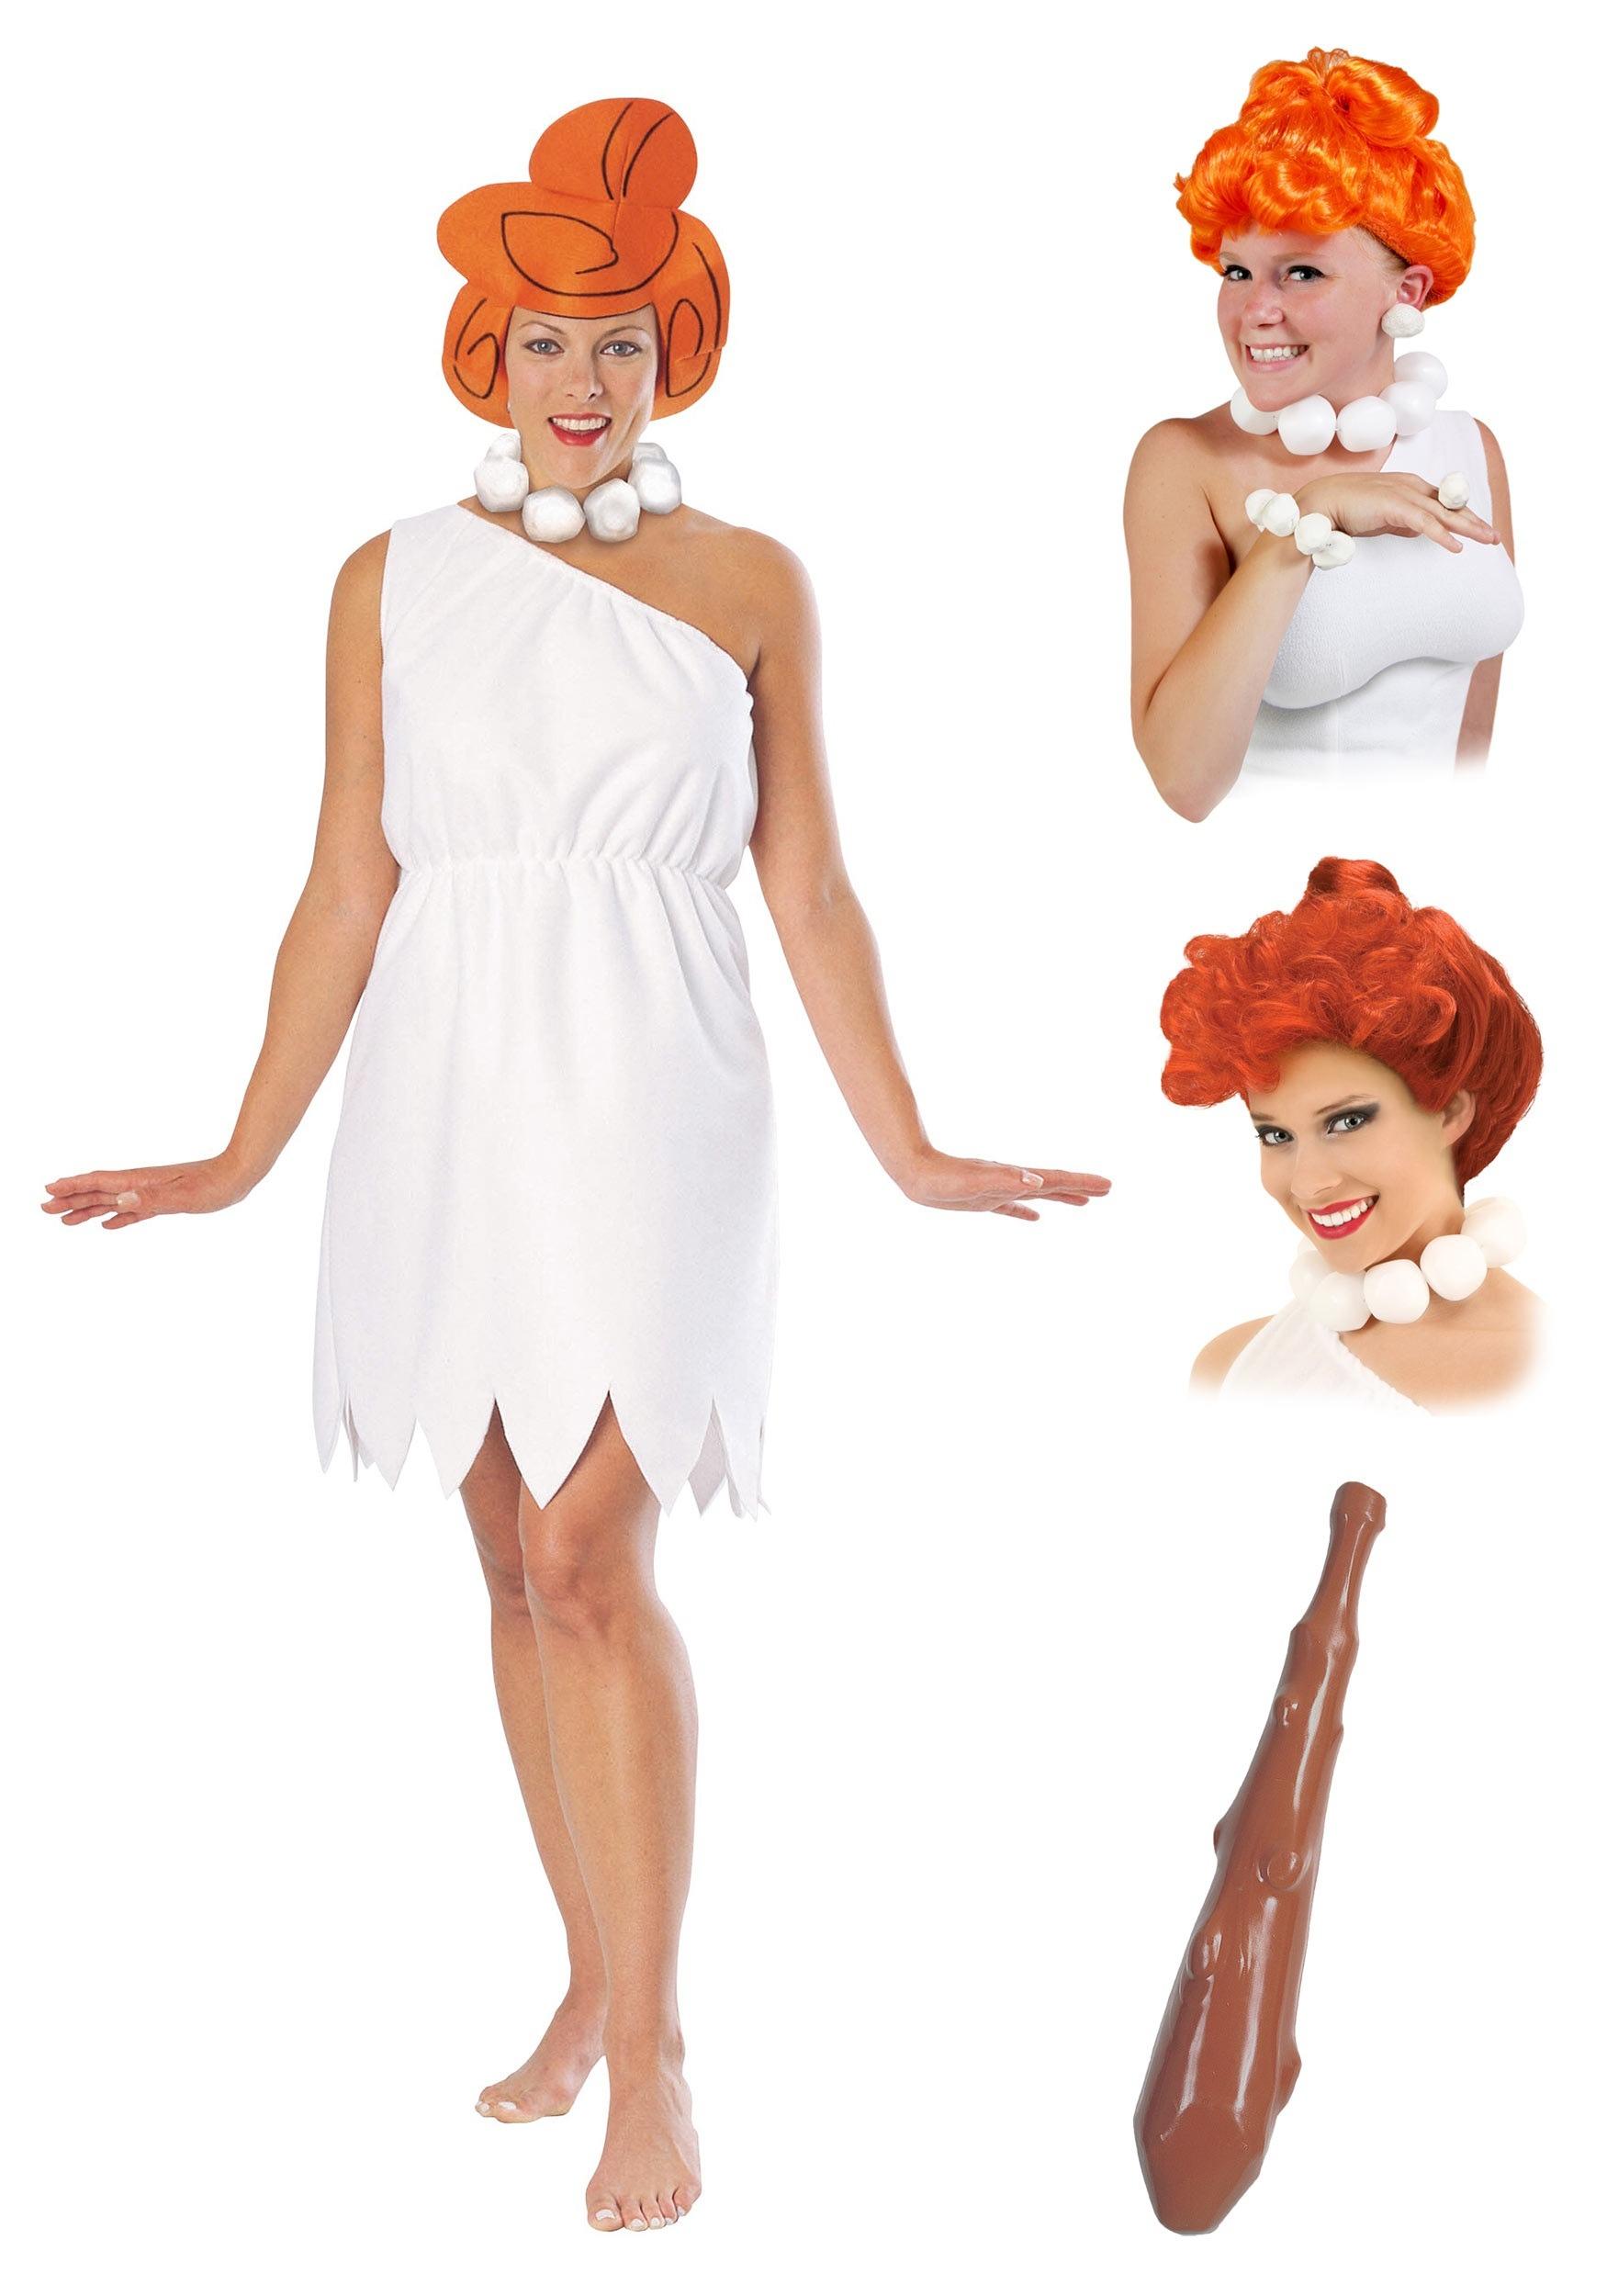 Womenu0027s Wilma Flintstone Costume Package  sc 1 st  Halloween Costumes UK & Wilma Flintstone Costume Package for Women